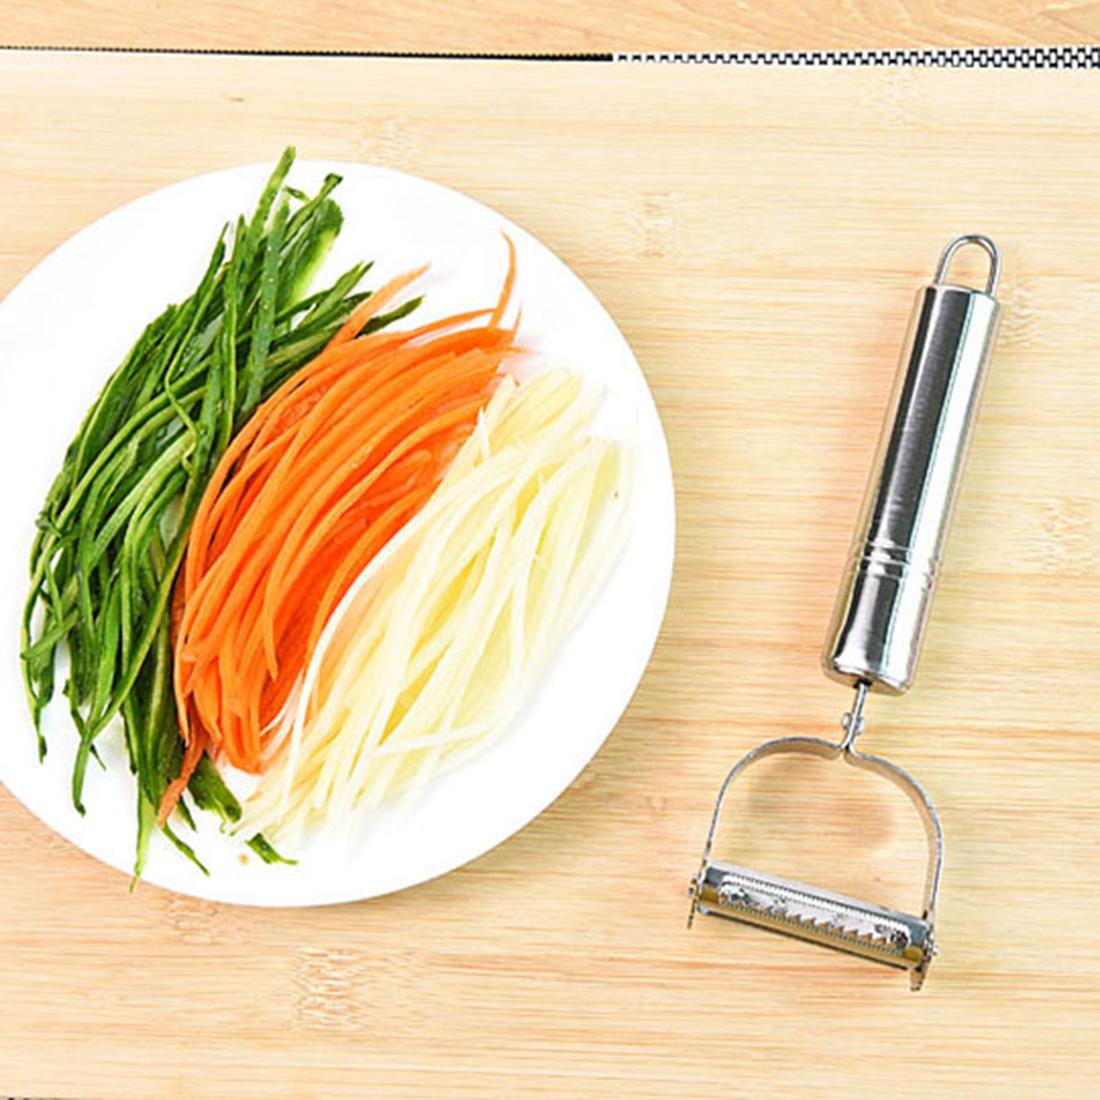 Novo estilo de aço inoxidável ferramentas de cozinha vegetal ralador  #C73804 1100 1100